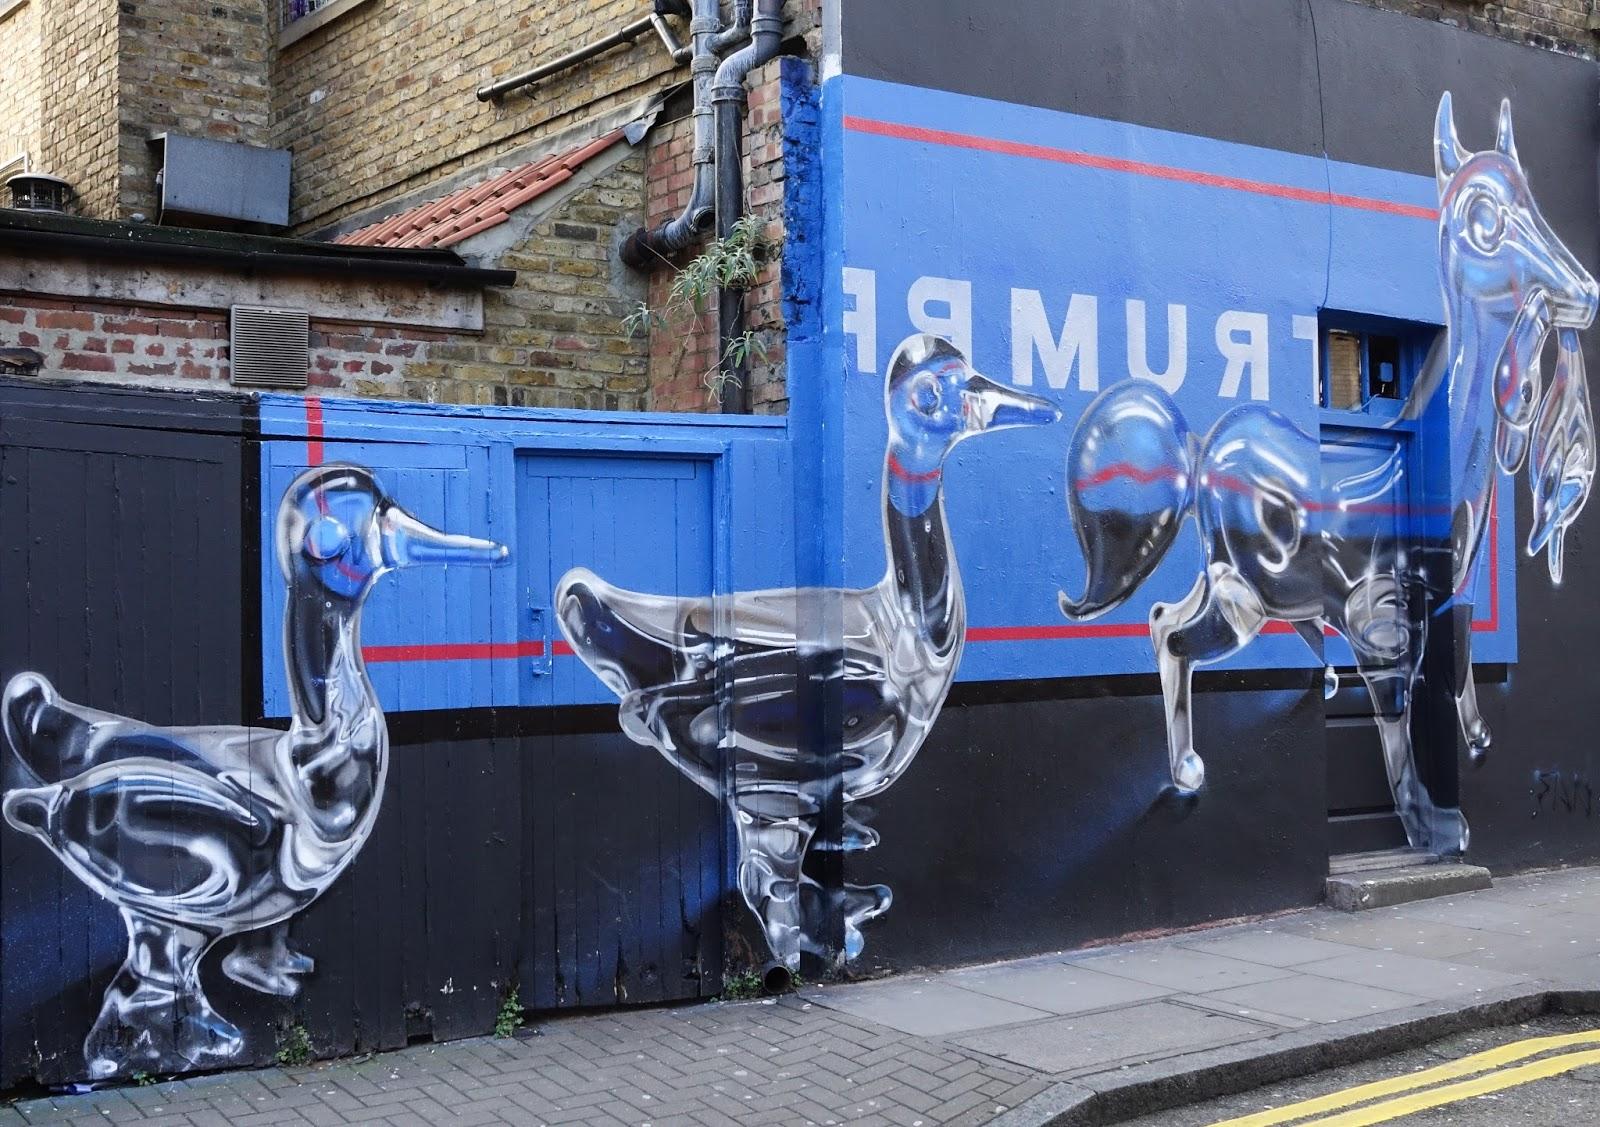 London More Amazing Graffiti Of Brick Lane Shoreditch Anset2000 Blog